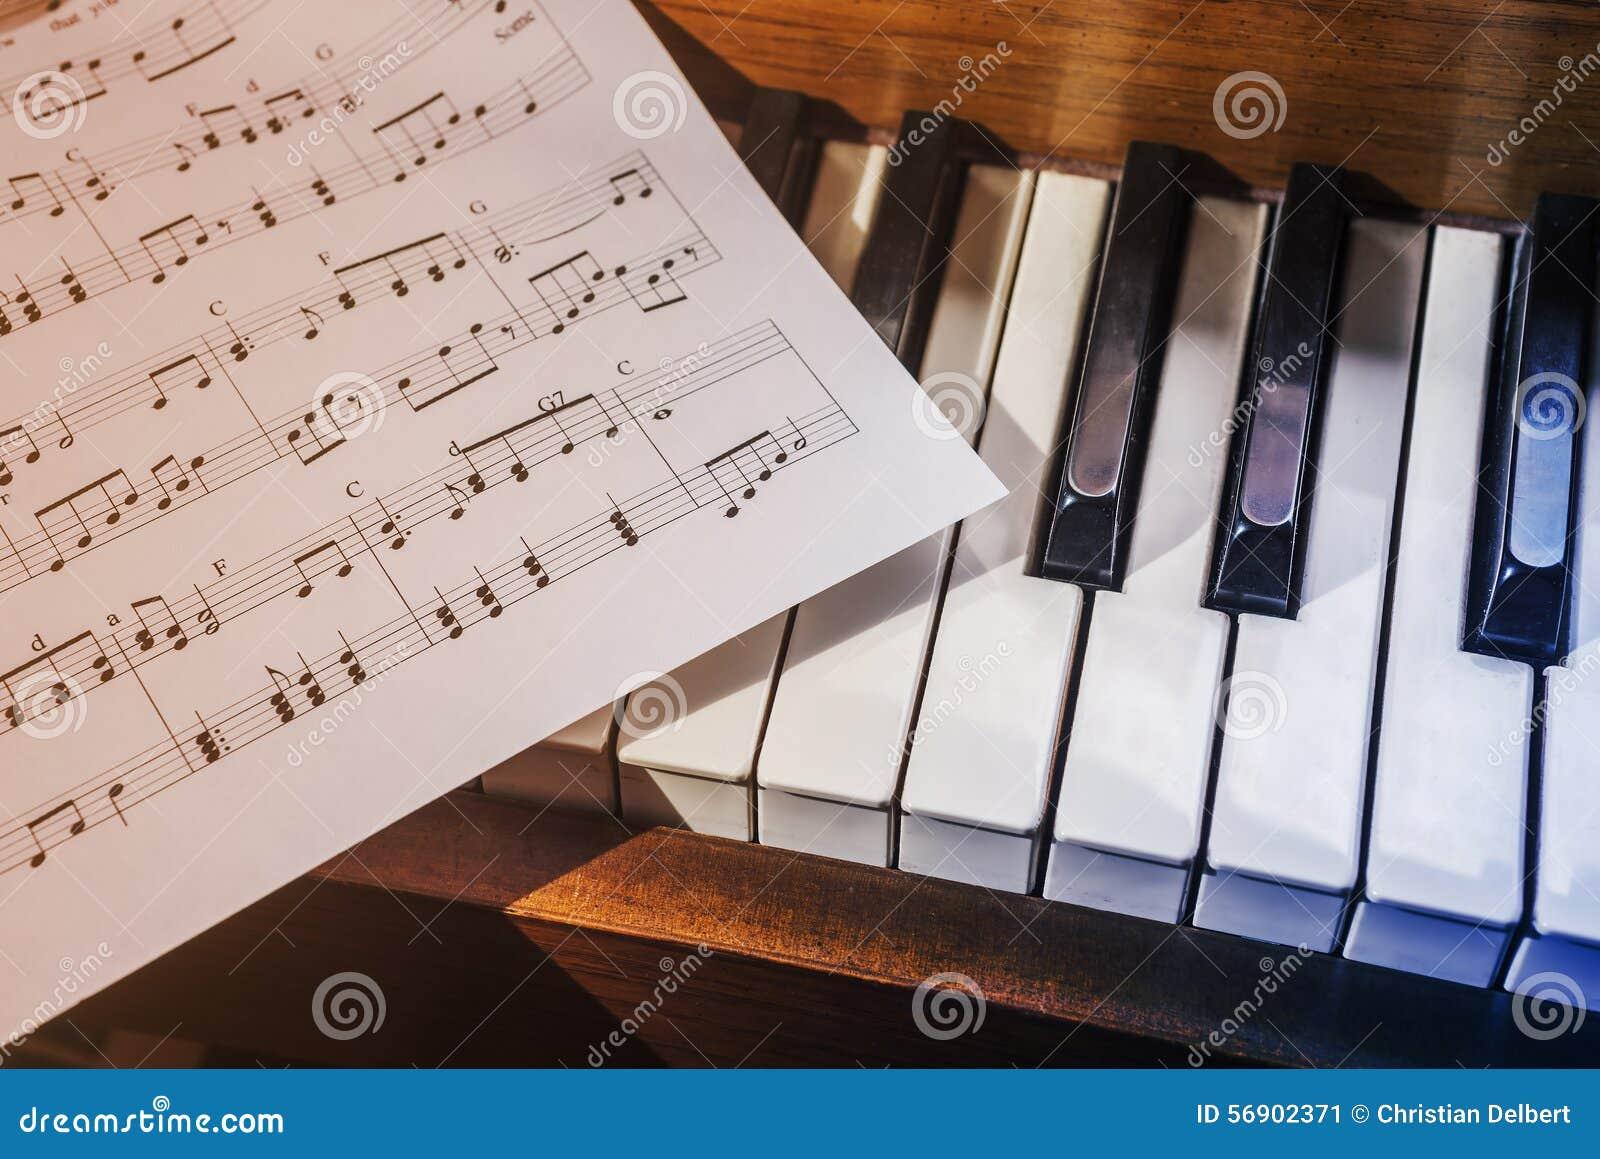 锁上音乐钢琴页